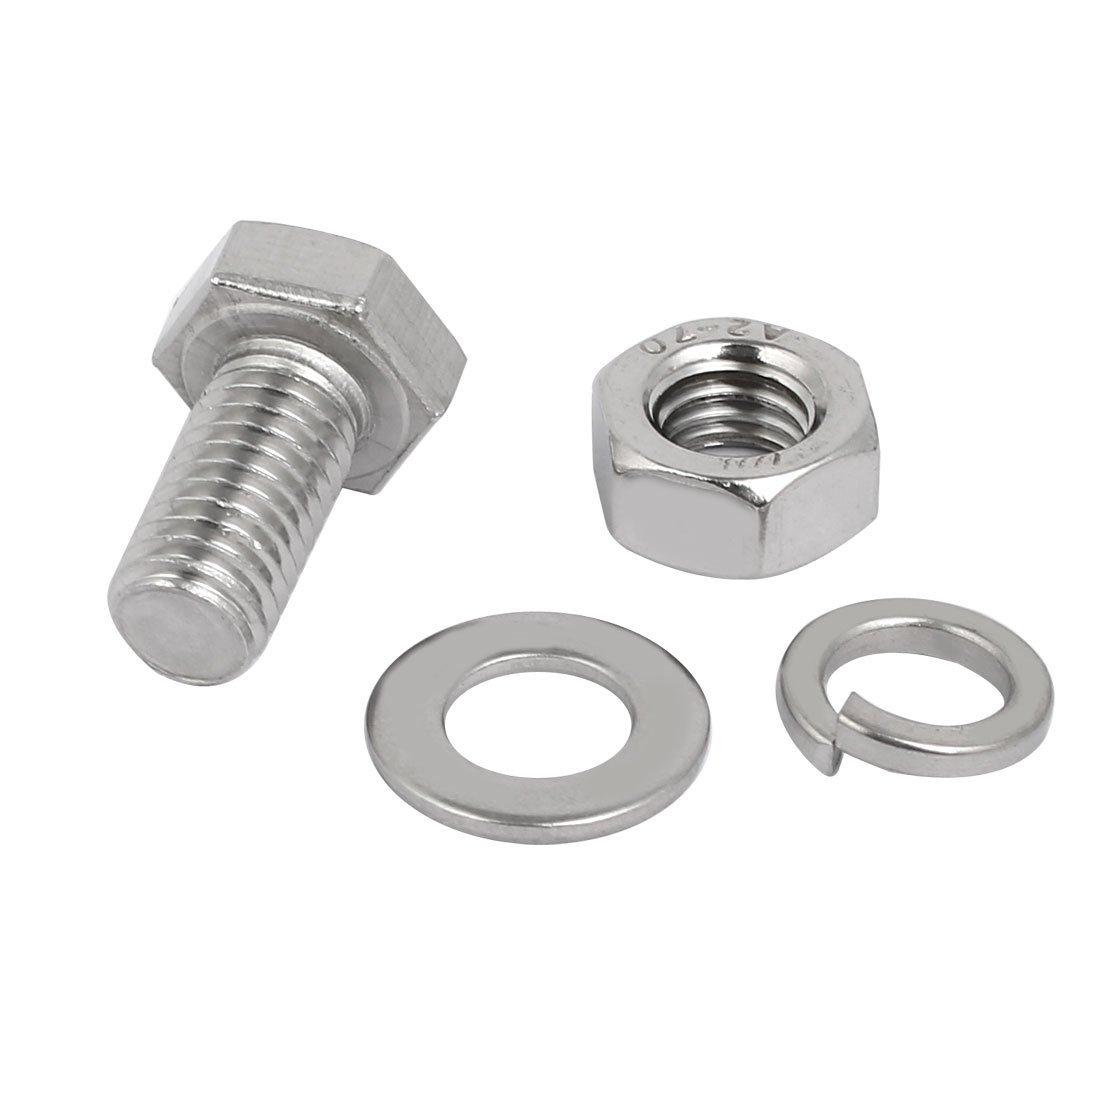 20 Set M8x20mm vis T/ête Hex acier Inox 304 Kit Assortiment /Écrou rondelle